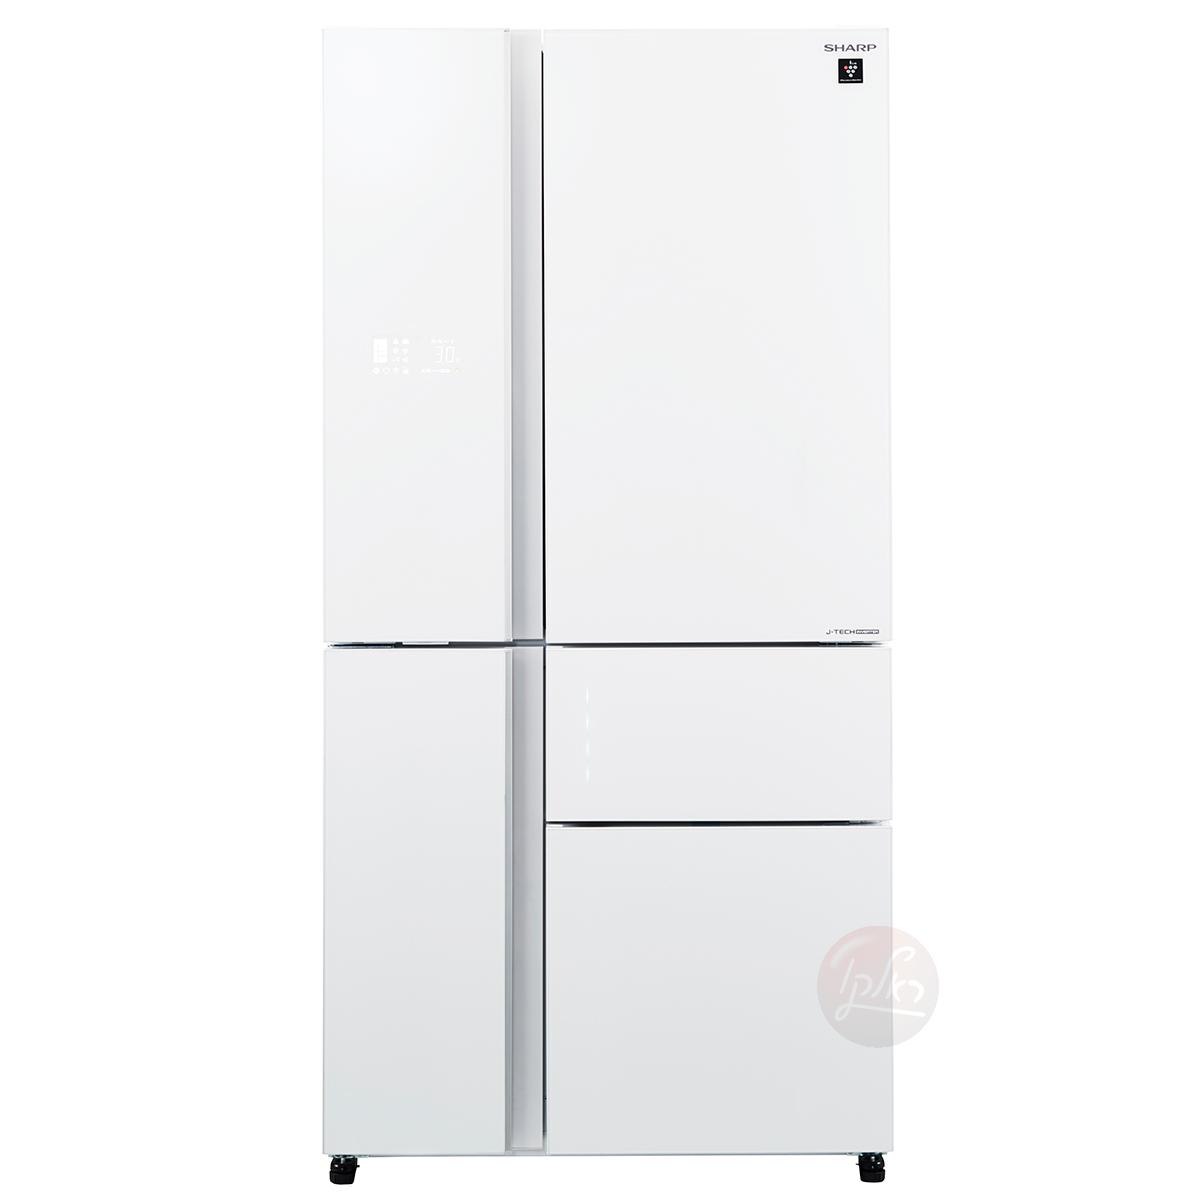 SJ-R9732WH/SJ-R9712 מקרר שארפ 5 דלתות